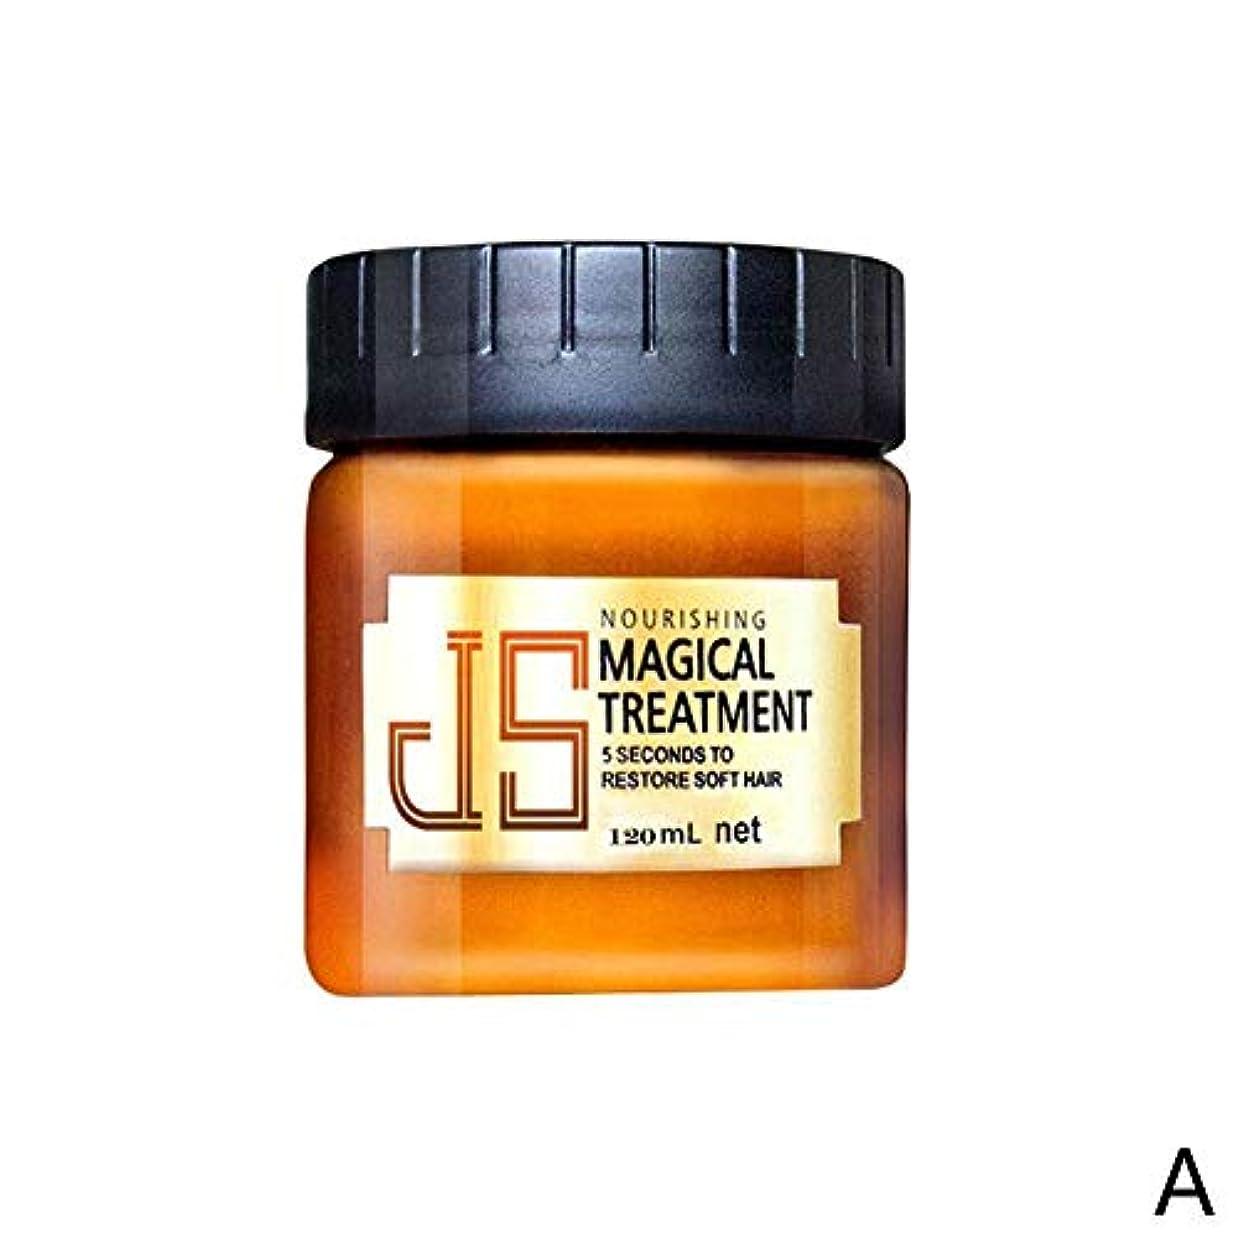 影響を受けやすいです混乱した性的BETTER YOU (ベター ュー) コンディショナー、多機能コンディショナー、髪の修復、水分補給、乾燥防止、髪の栄養補給